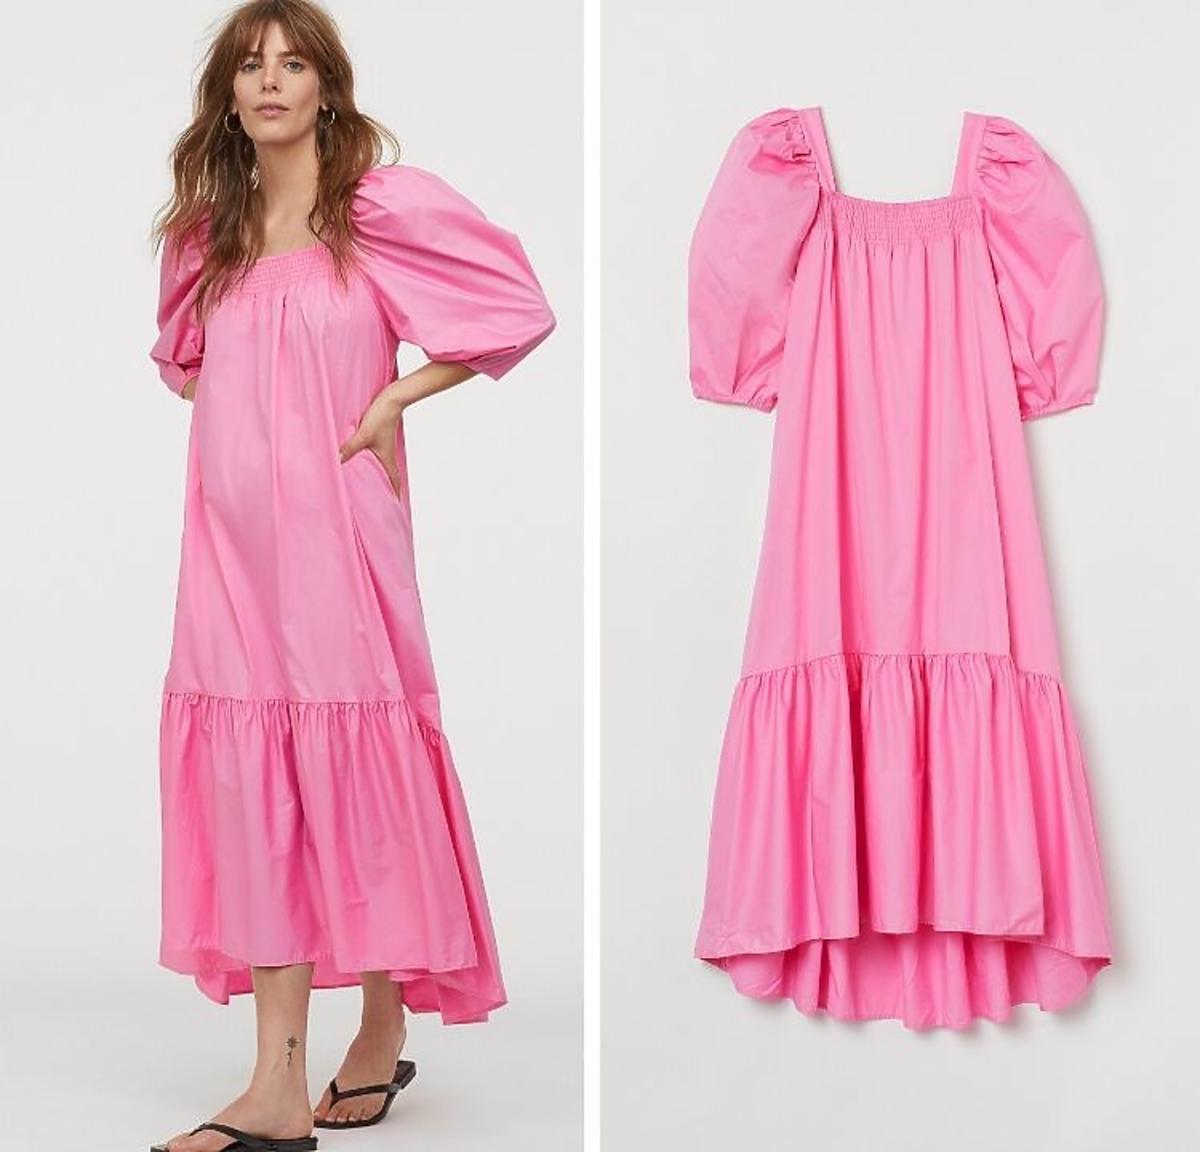 Różowa sukienka z H&M z bufkami